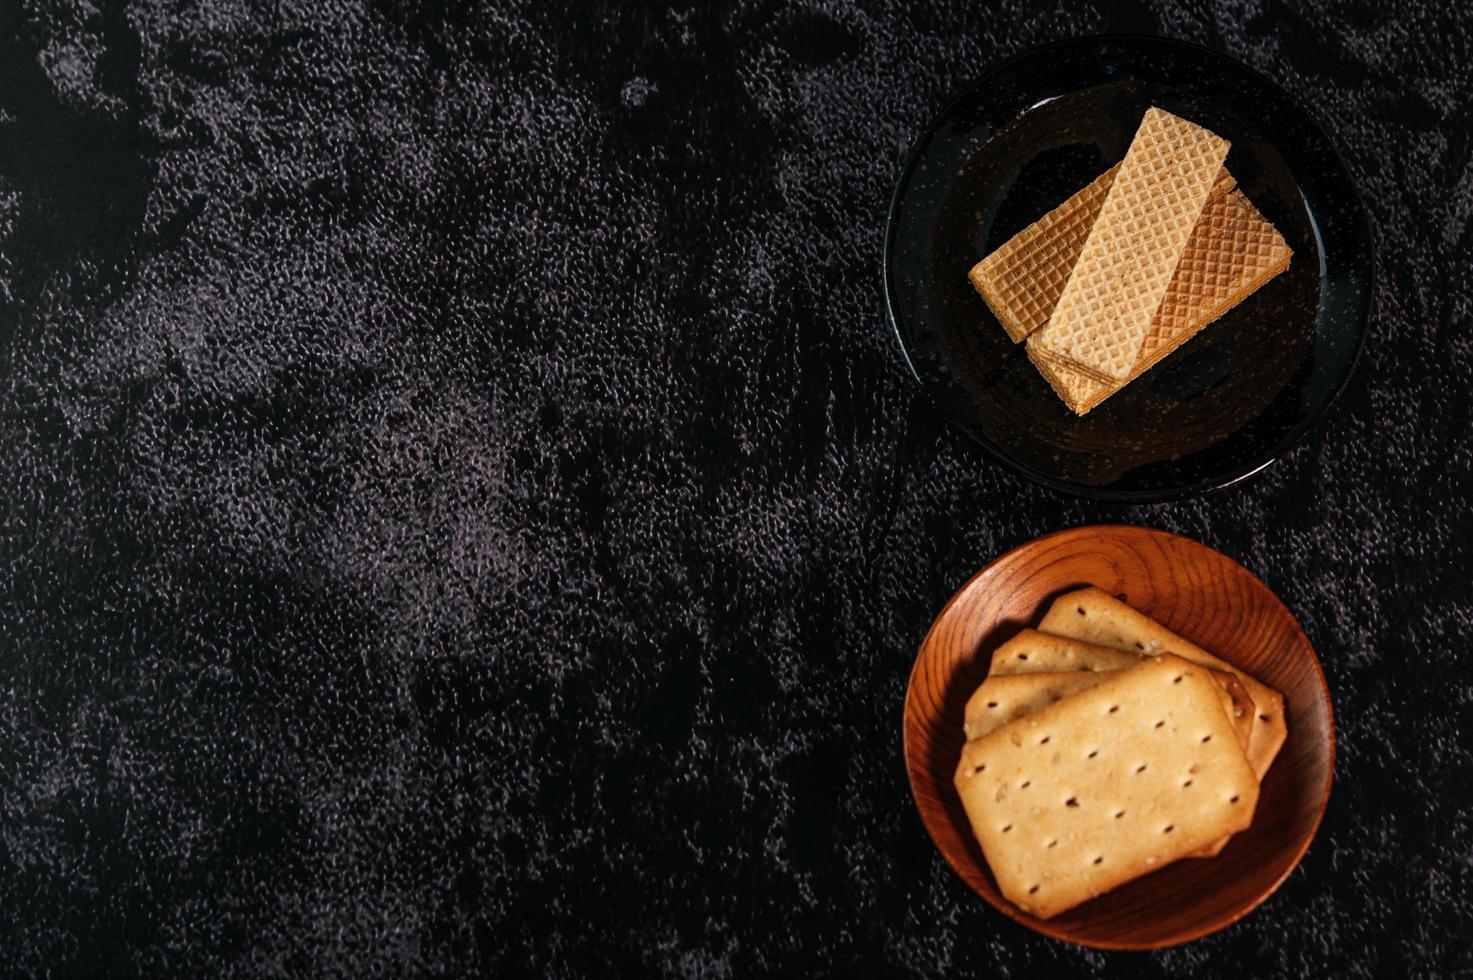 biscoitos em um fundo escuro foto